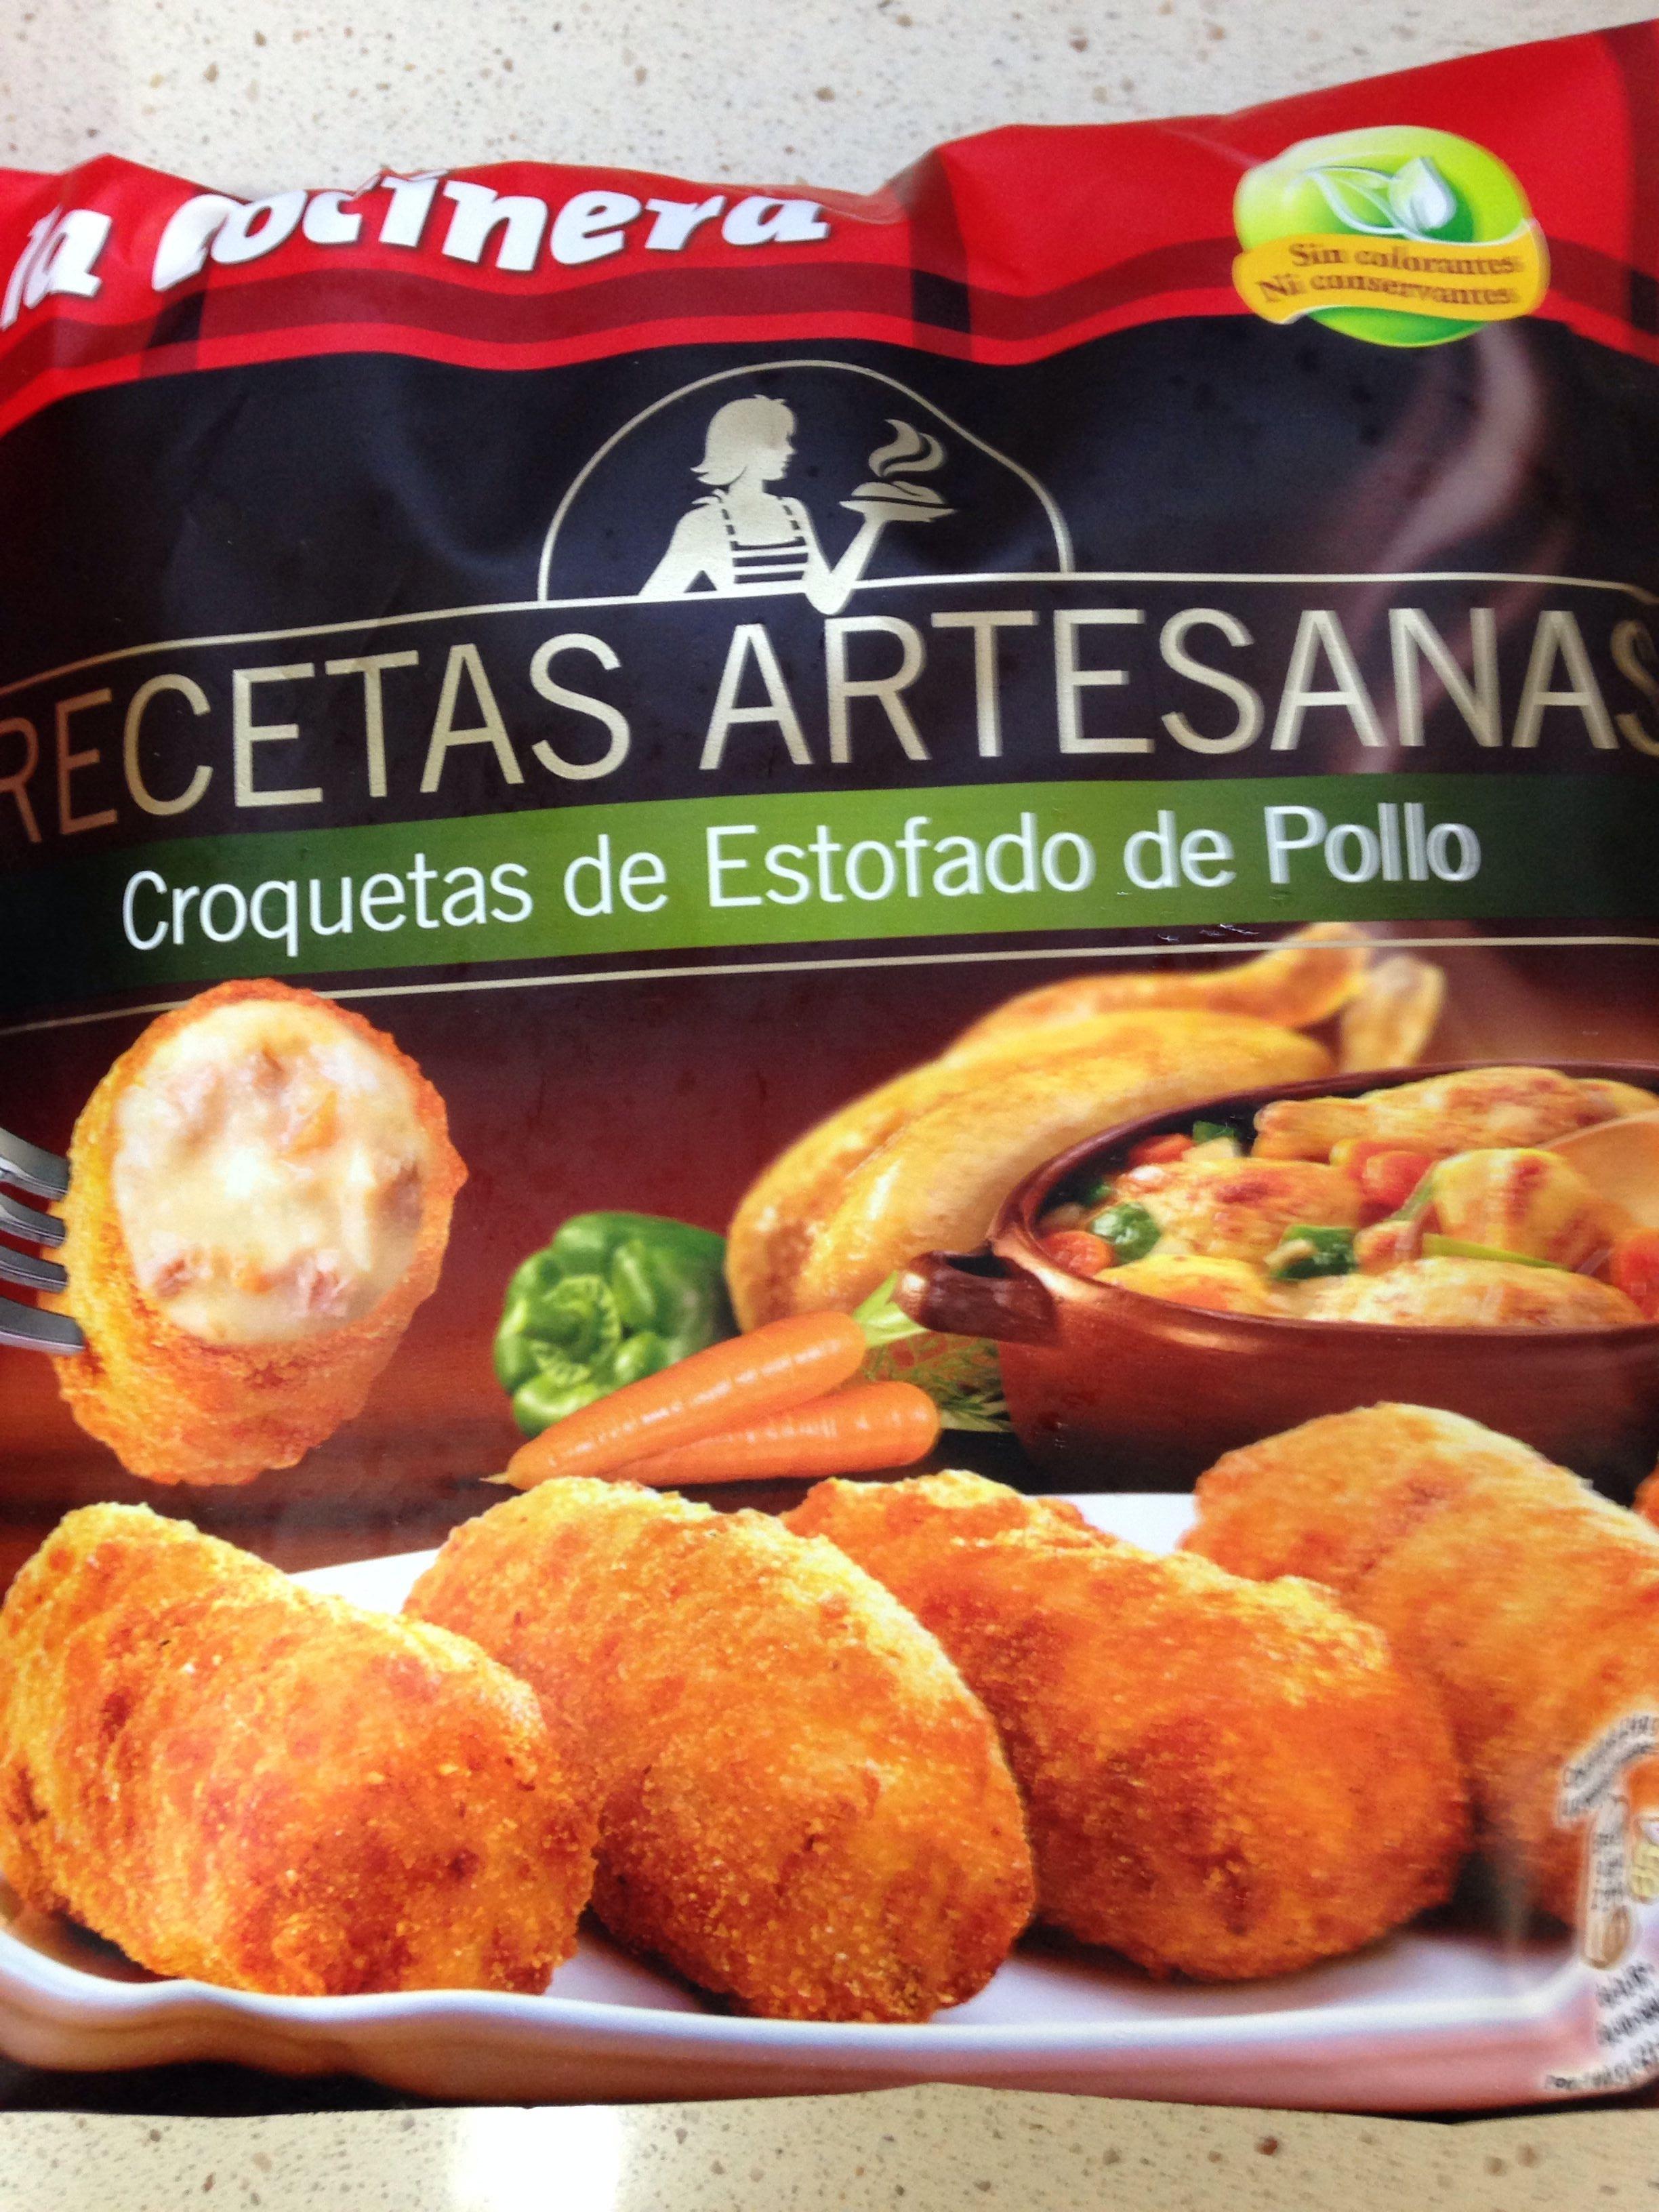 Croquetas estofado de pollo - Product